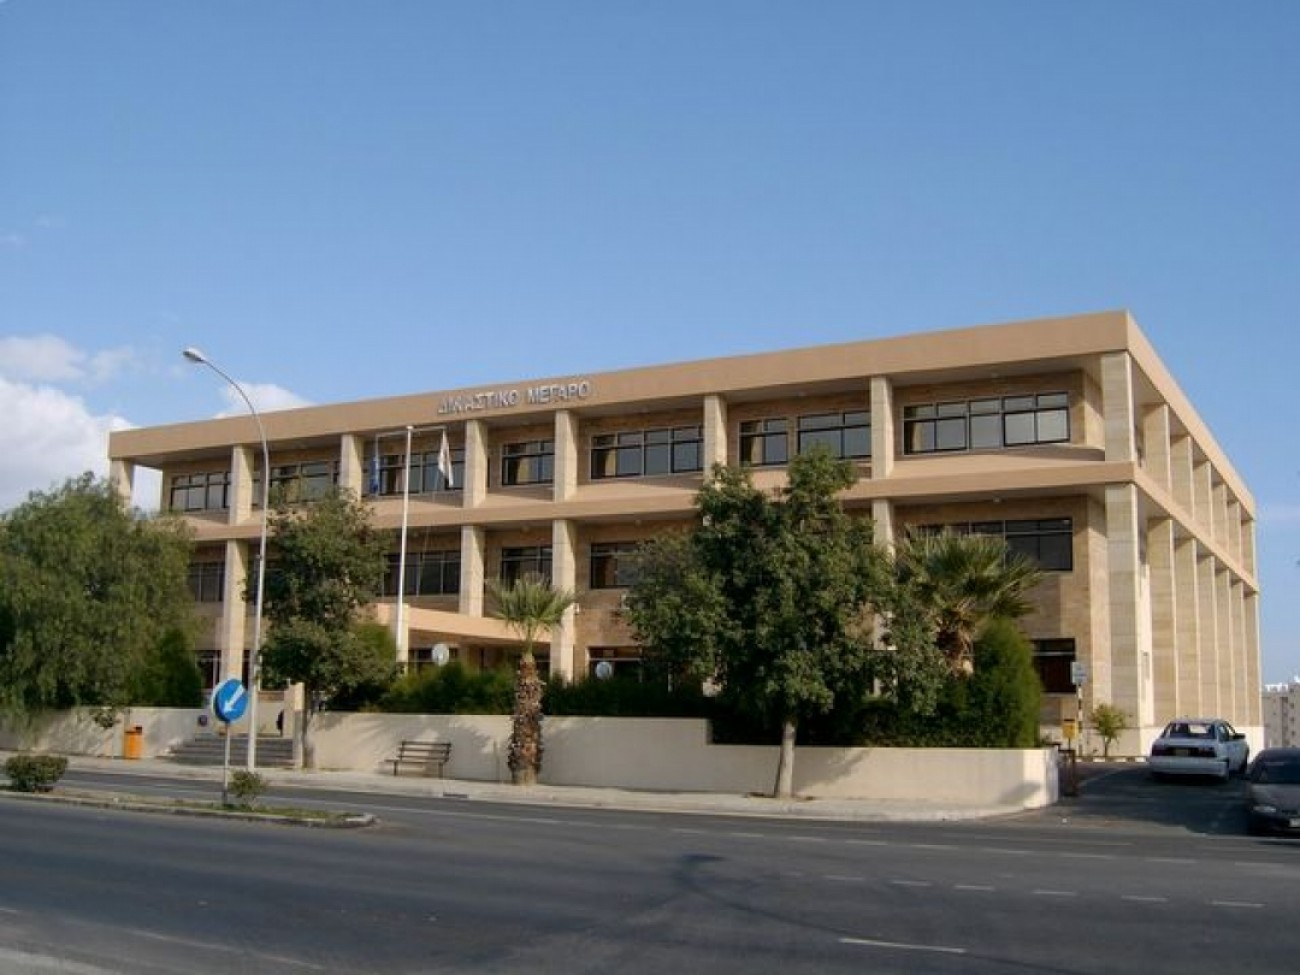 554 κατηγορίες ο Κρασόπουλος!